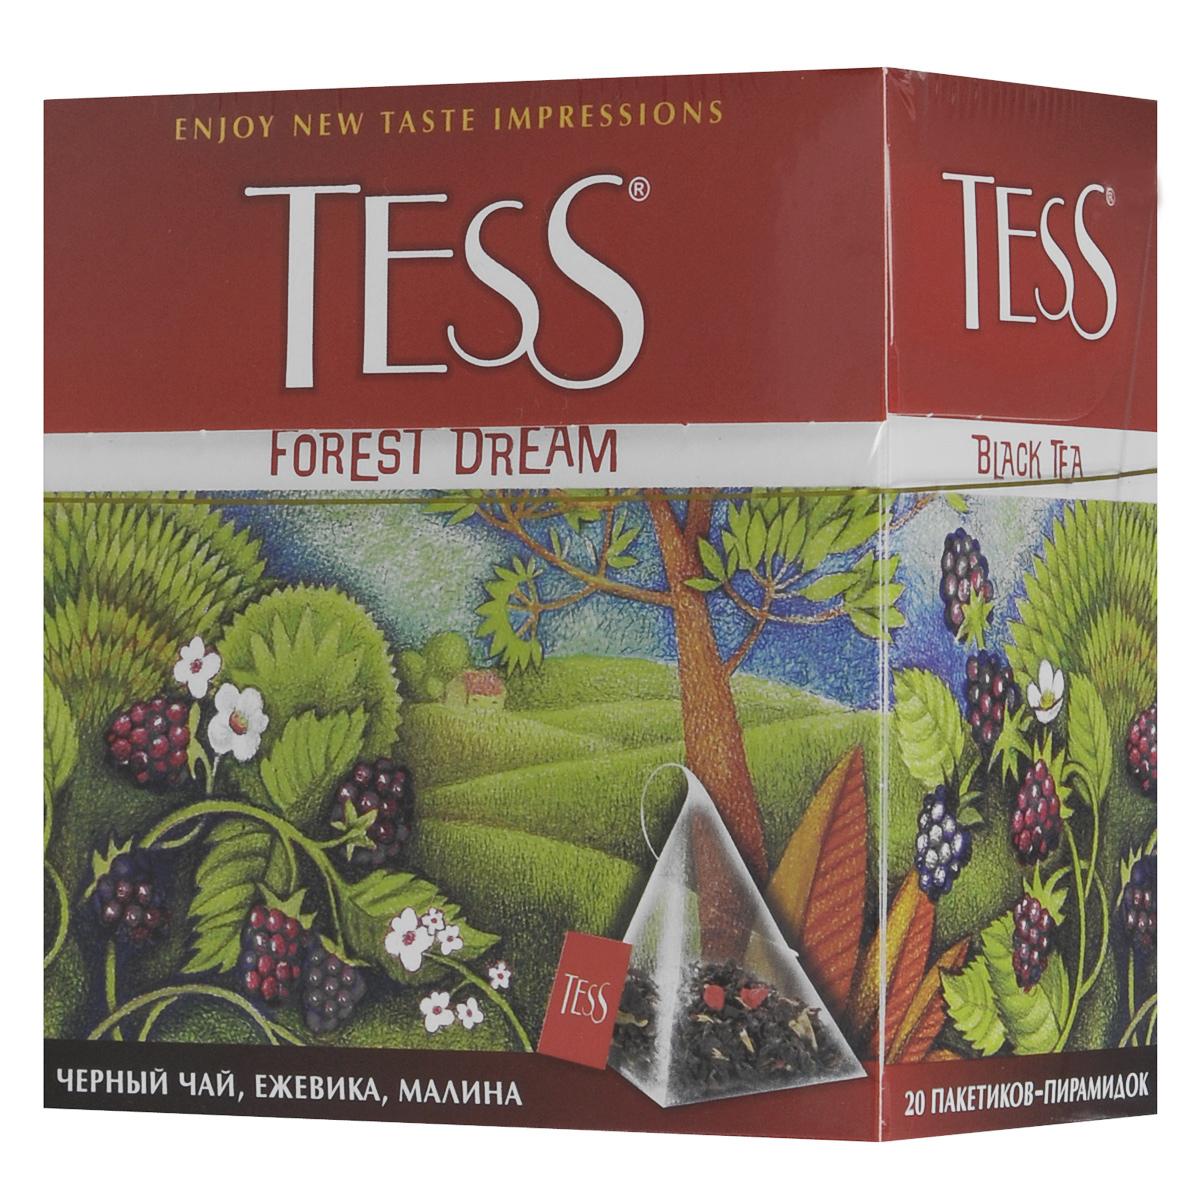 Tess Forest Dream черный чай в пирамидках, 20 шт0784-12Чудесная композиция благородного цейлонского чая Tess Forest Dream в пирамидках с кусочками ежевики и малины открывает новый великолепный вкус, в котором слышится благоухание ягодной опушки, согретой июльским солнцем.